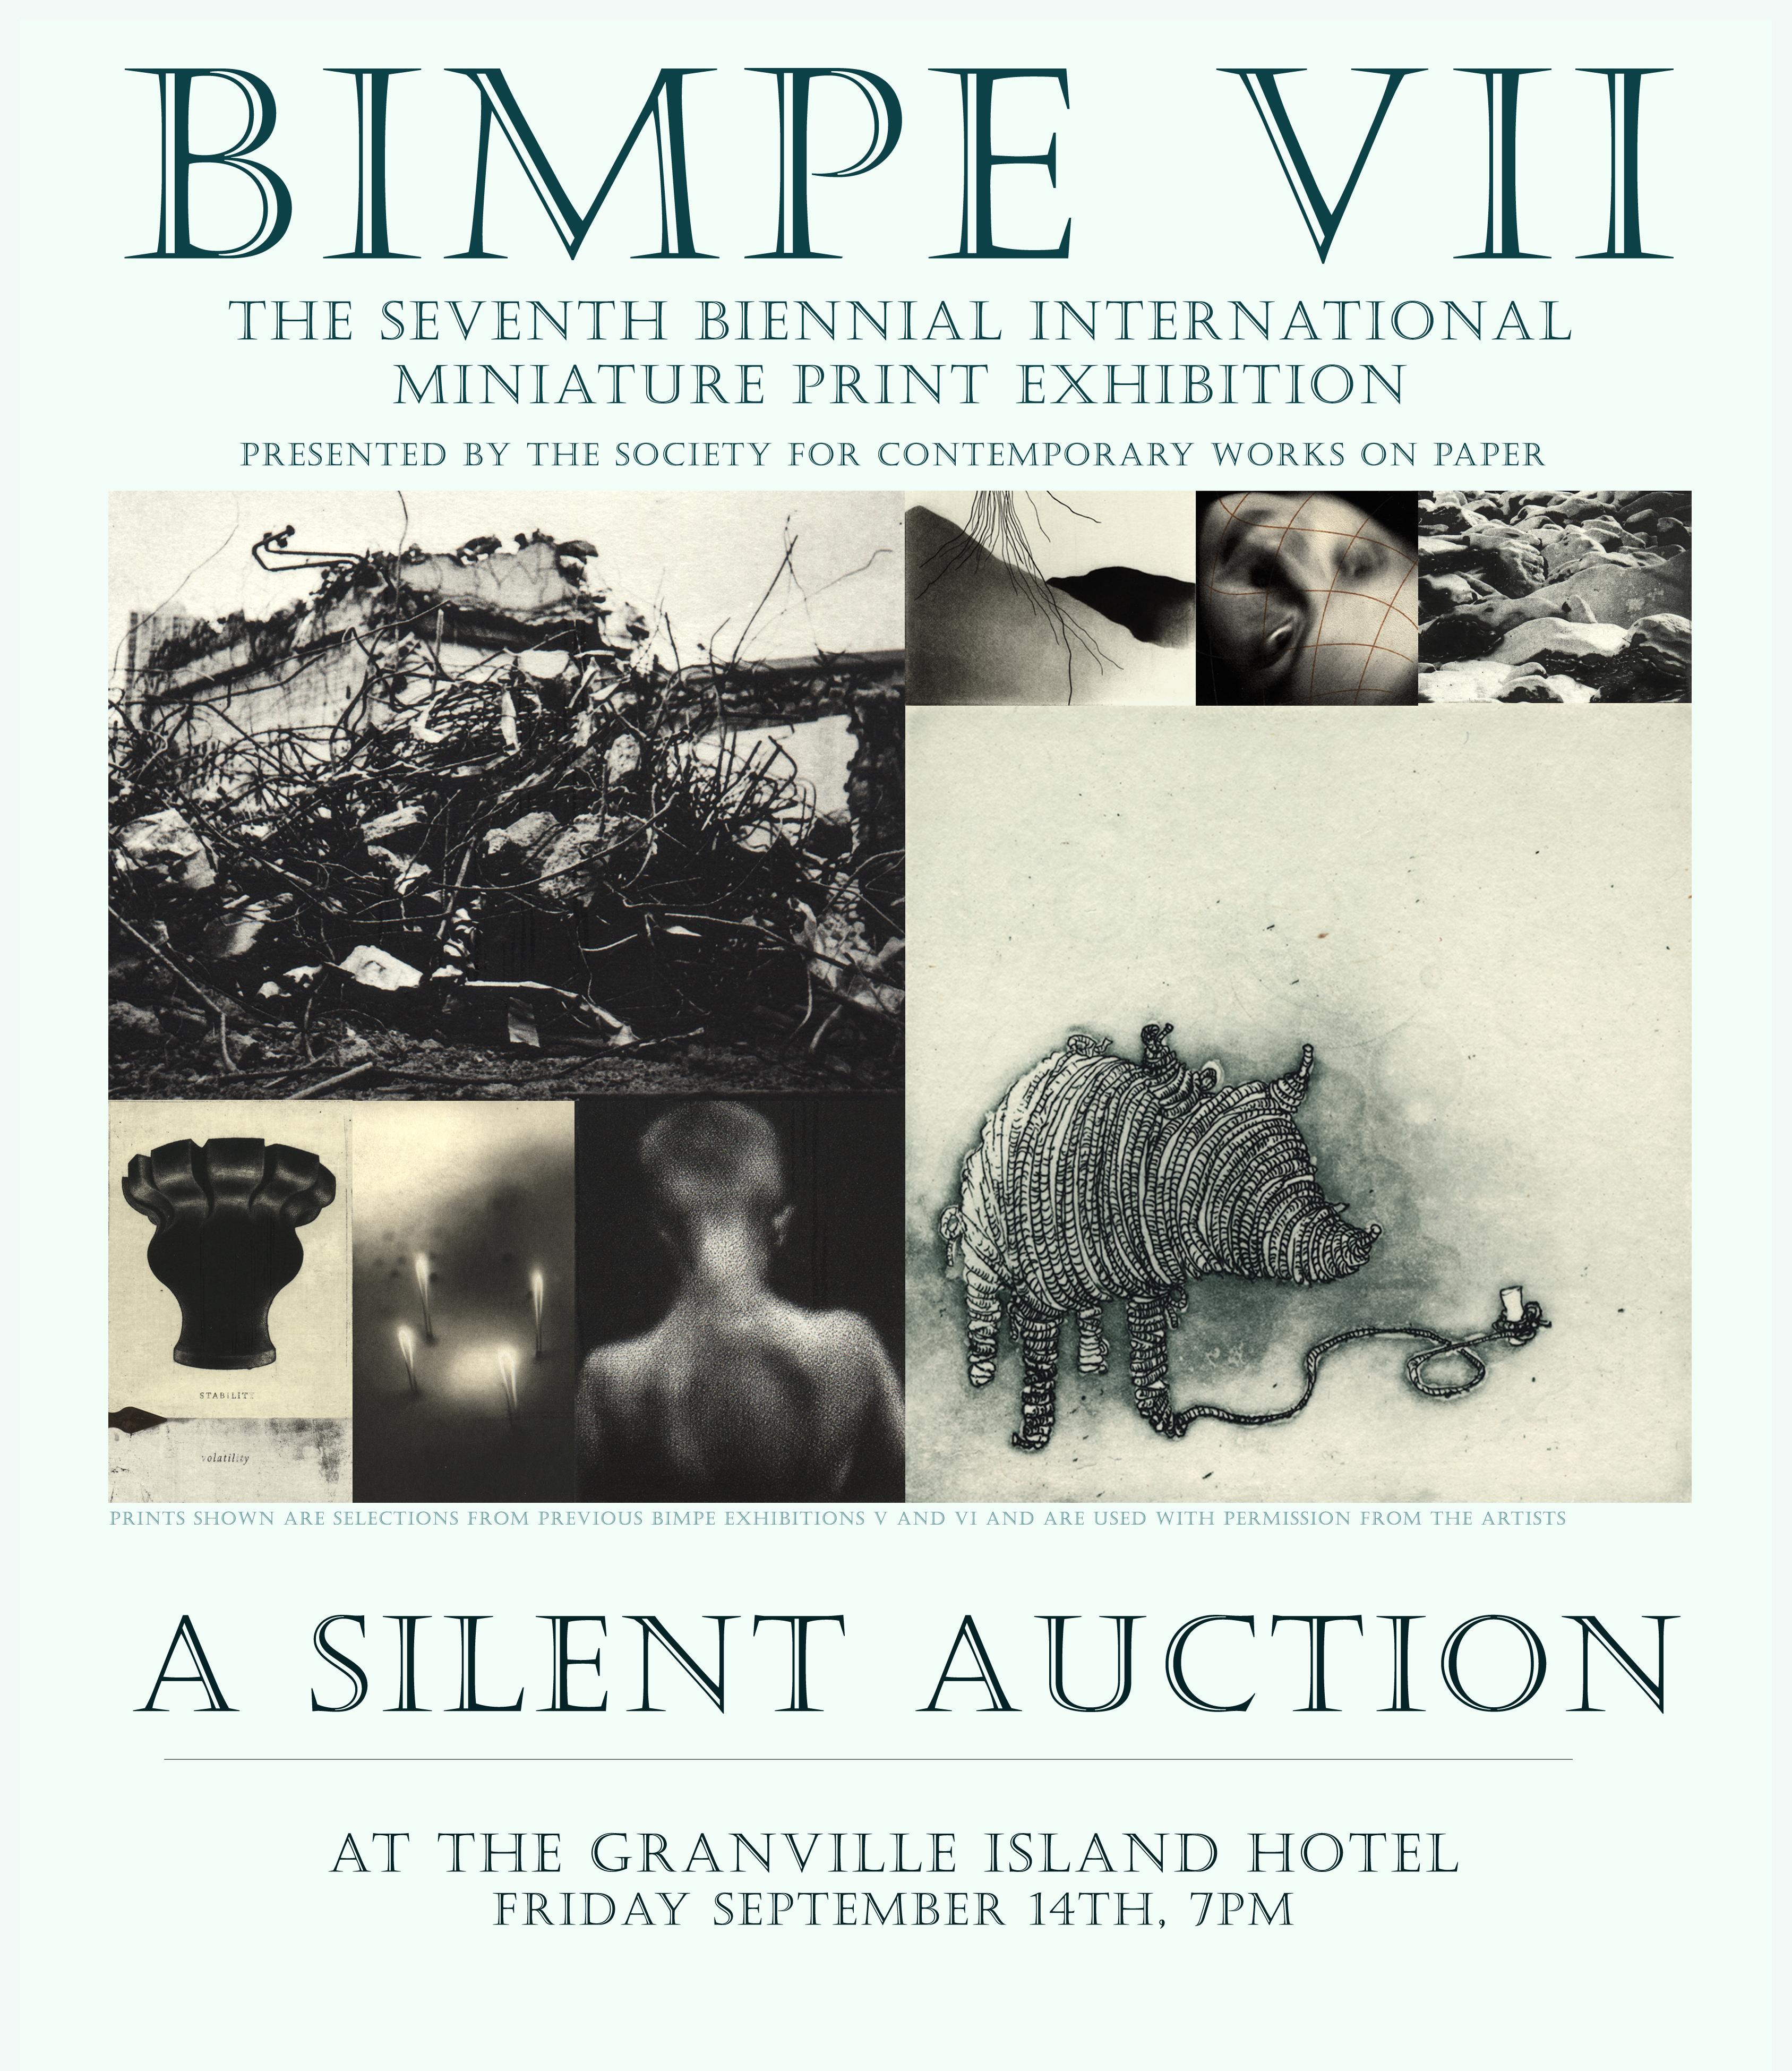 BIMPE Silent Auction